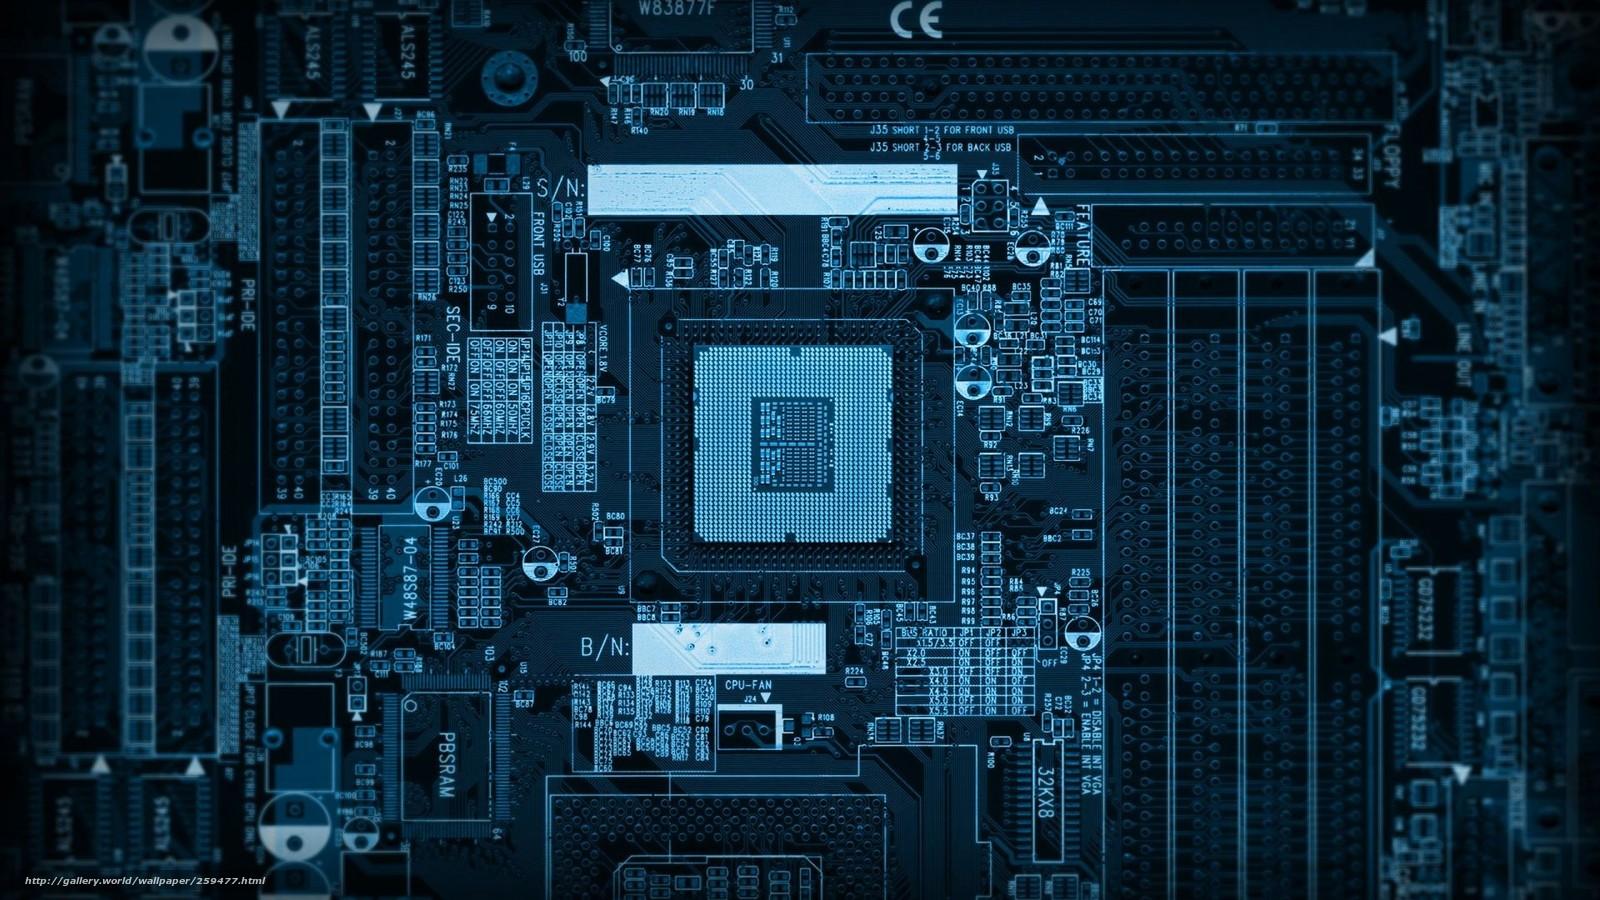 wallpapers, internet, super, tech, wallpaper, computer, desktop ...